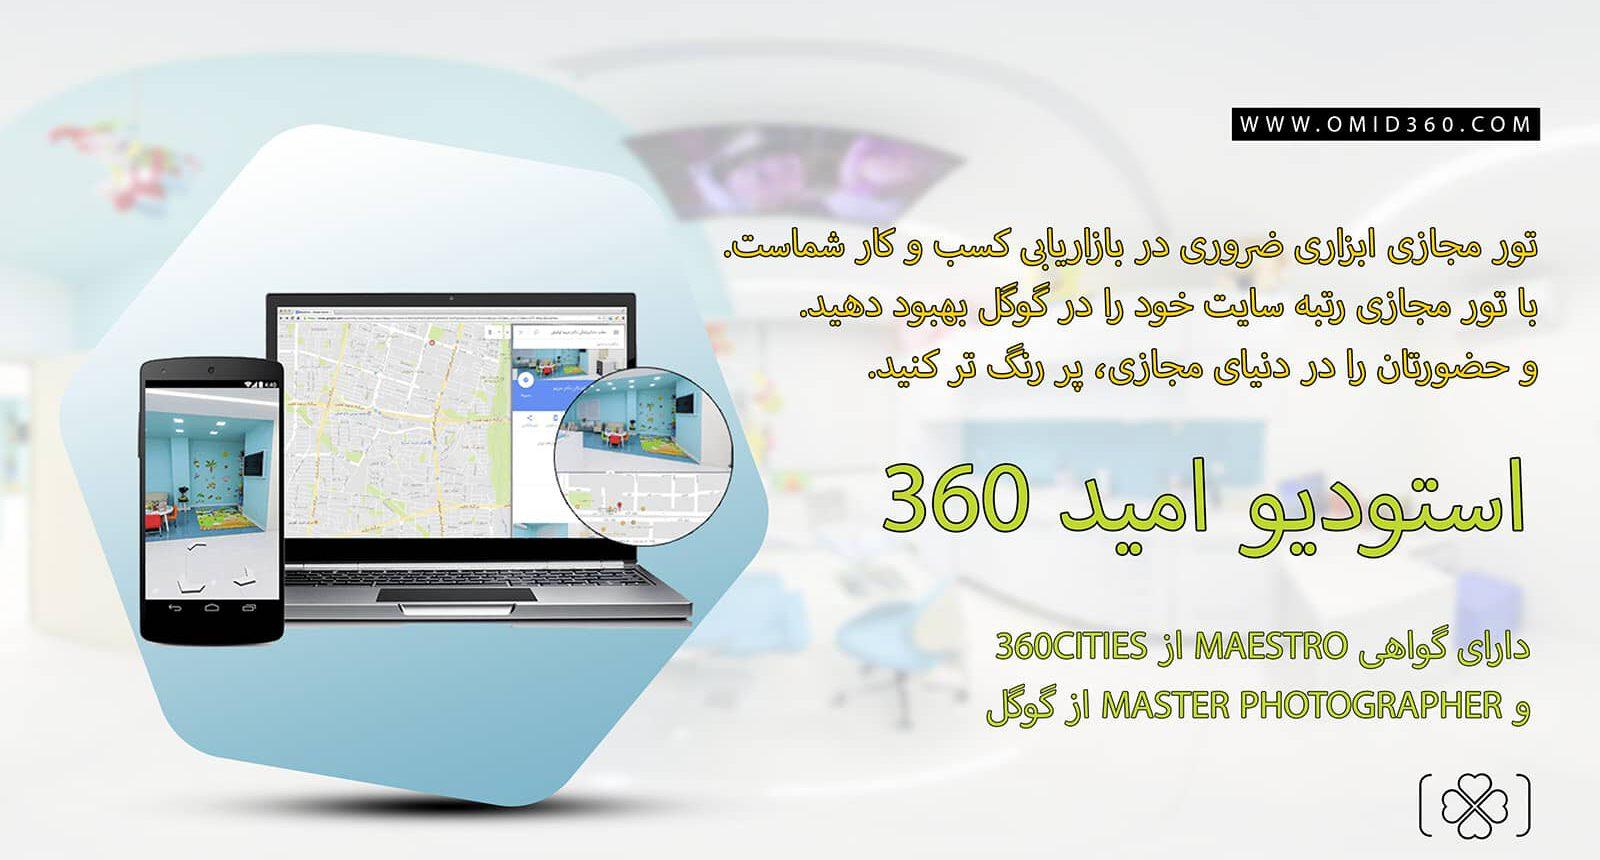 تور مجازی گوگل و عکاسی 360 درجه توسط استودیو امید 360 نماینده مورد اعتماد گوگل و مجری تورهای مجازی در سراسر ایران